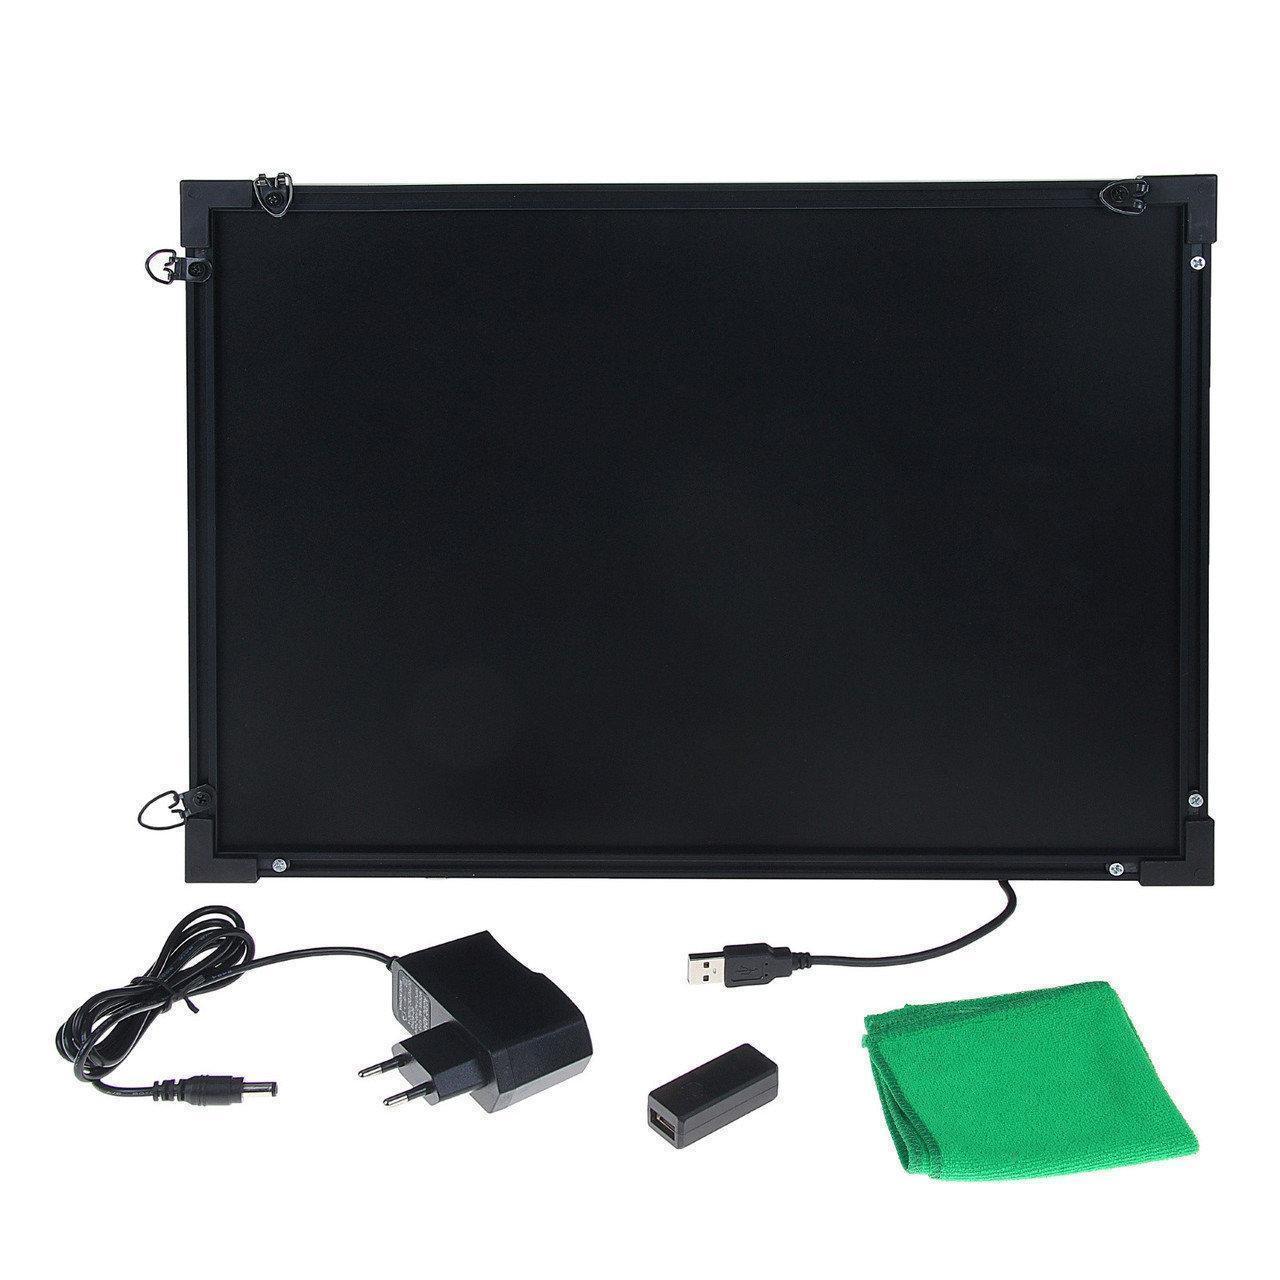 Світлодіодна дошка Fluorecent Board 5070 c фломастером і серветкою 181127